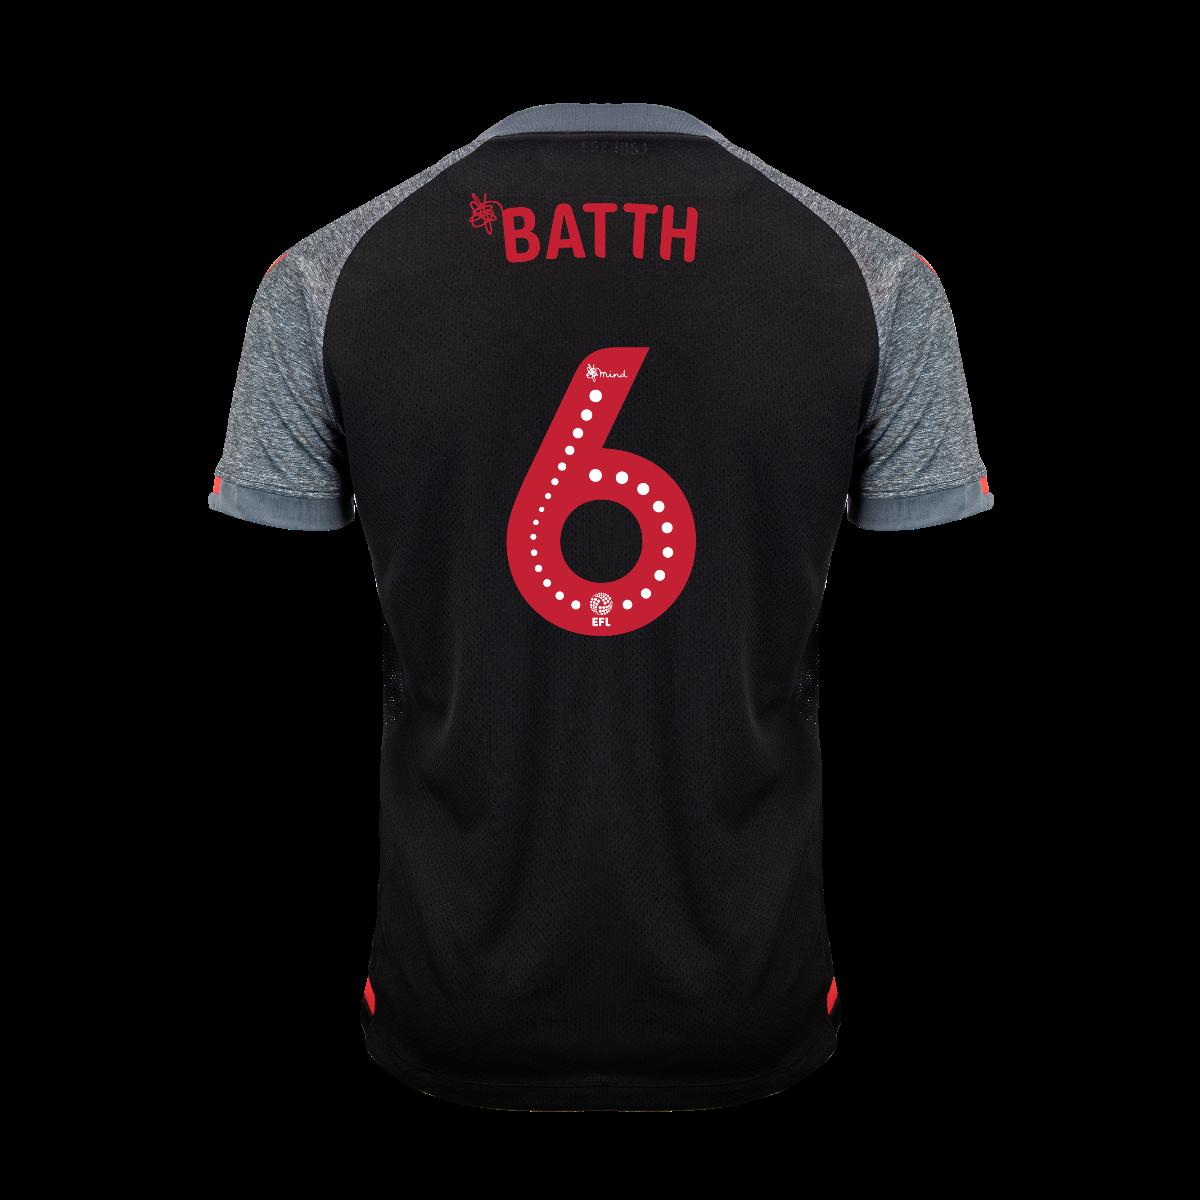 2019/20 Adult Away SS Shirt - Batth